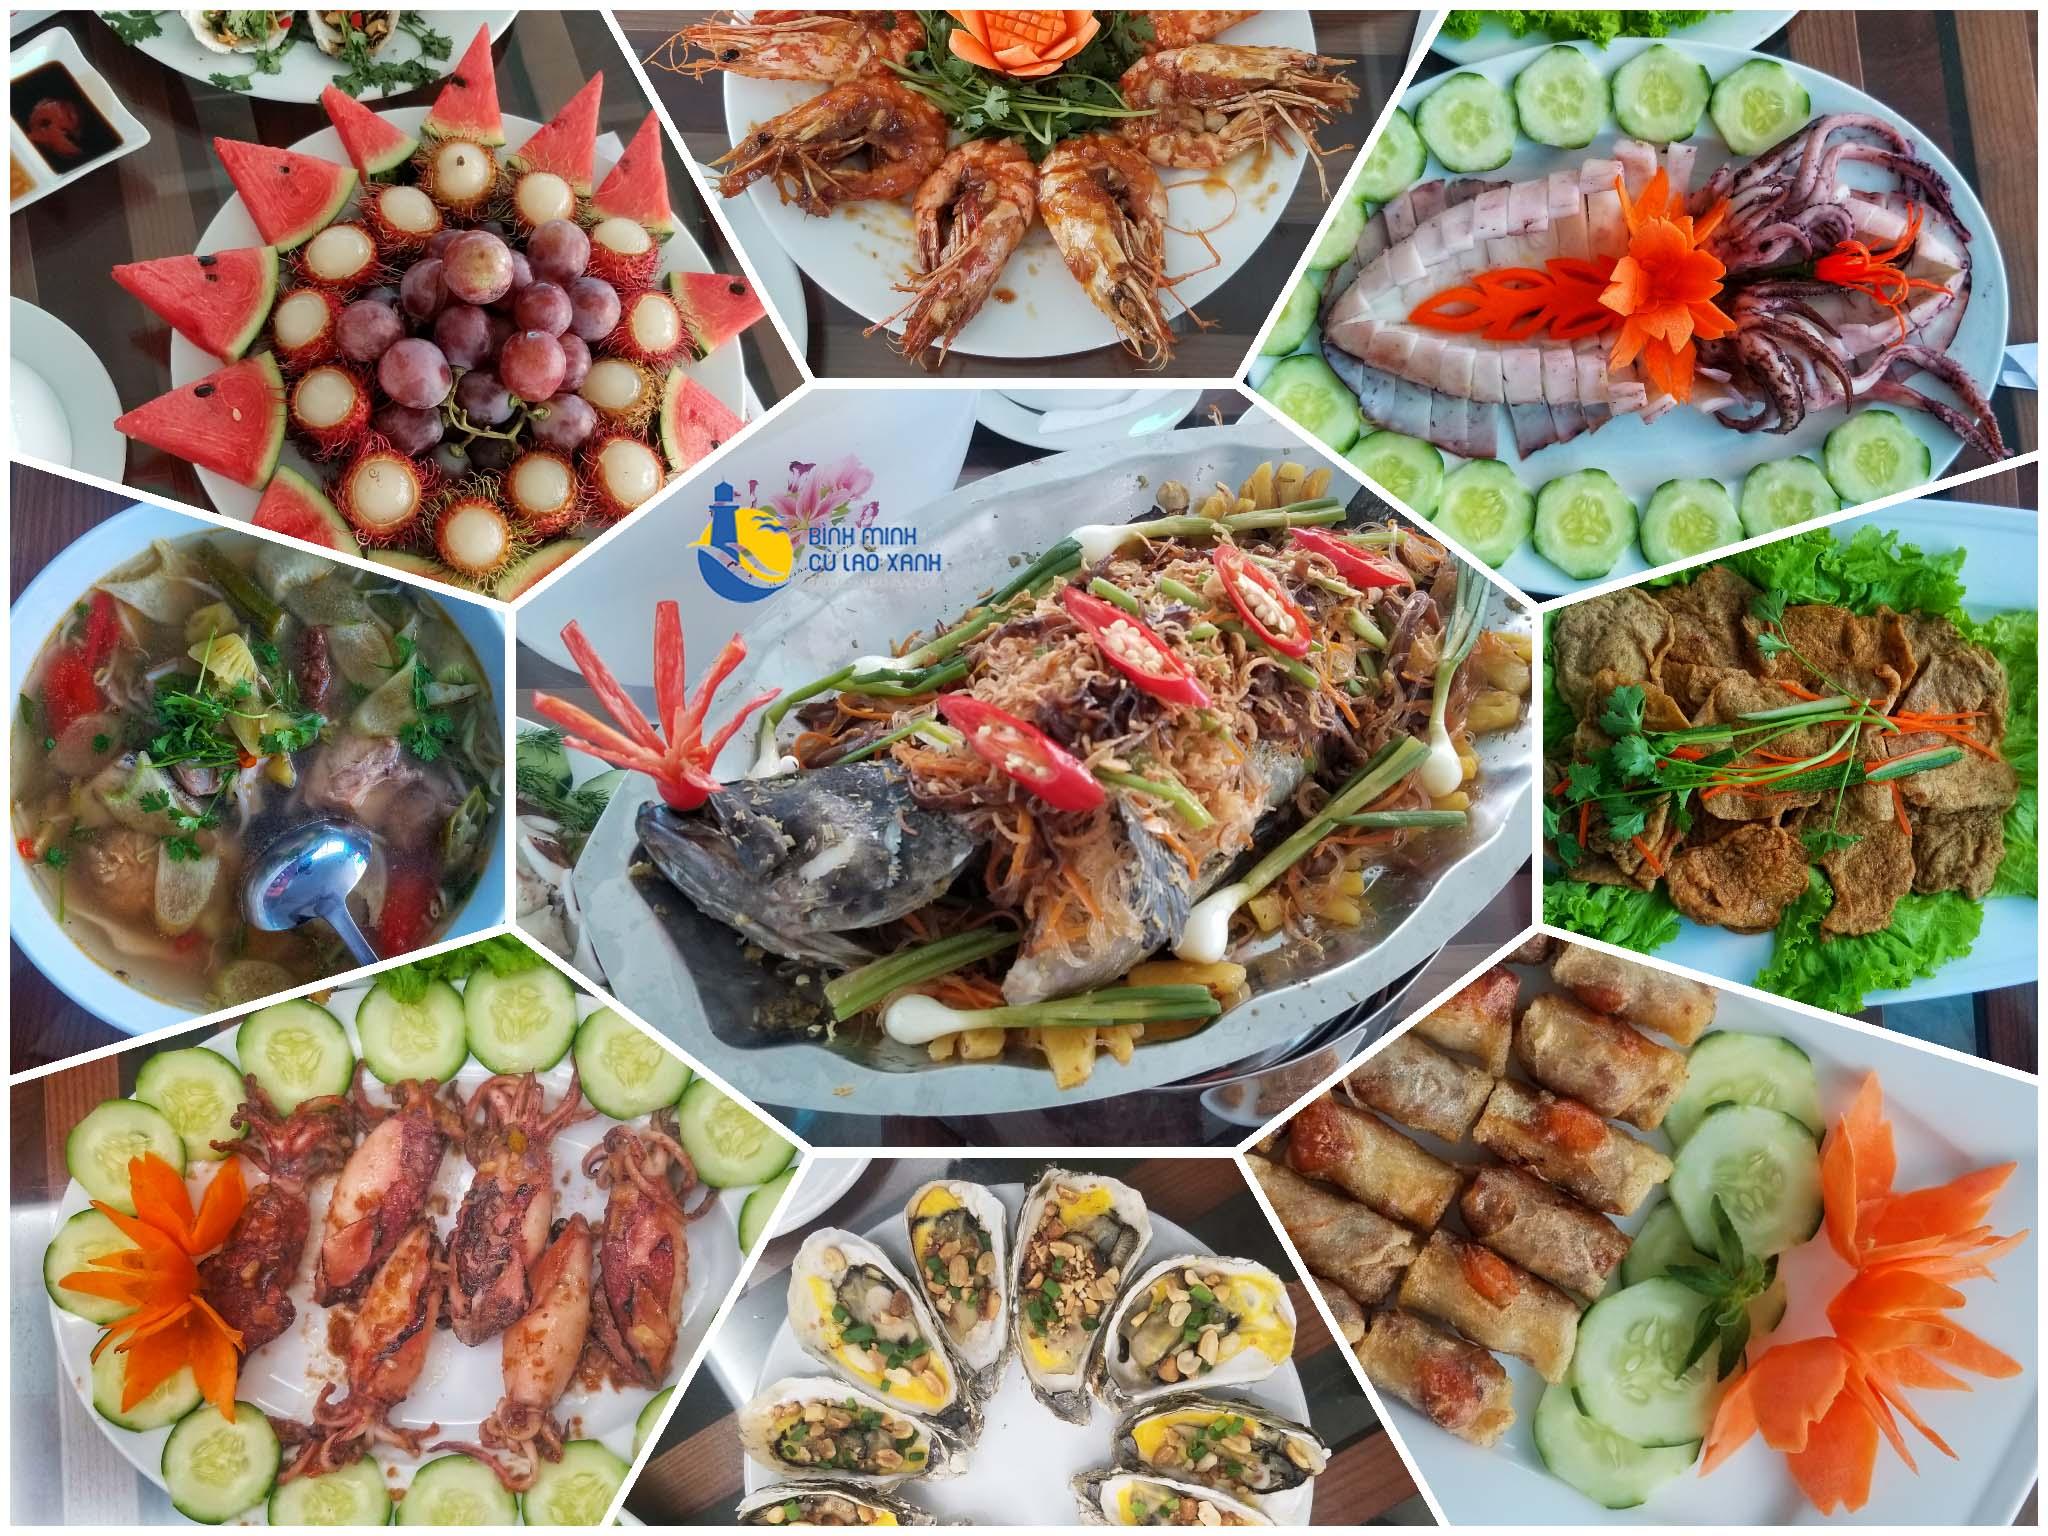 Ẩm thực Cù Lao Xanh Quy Nhơn